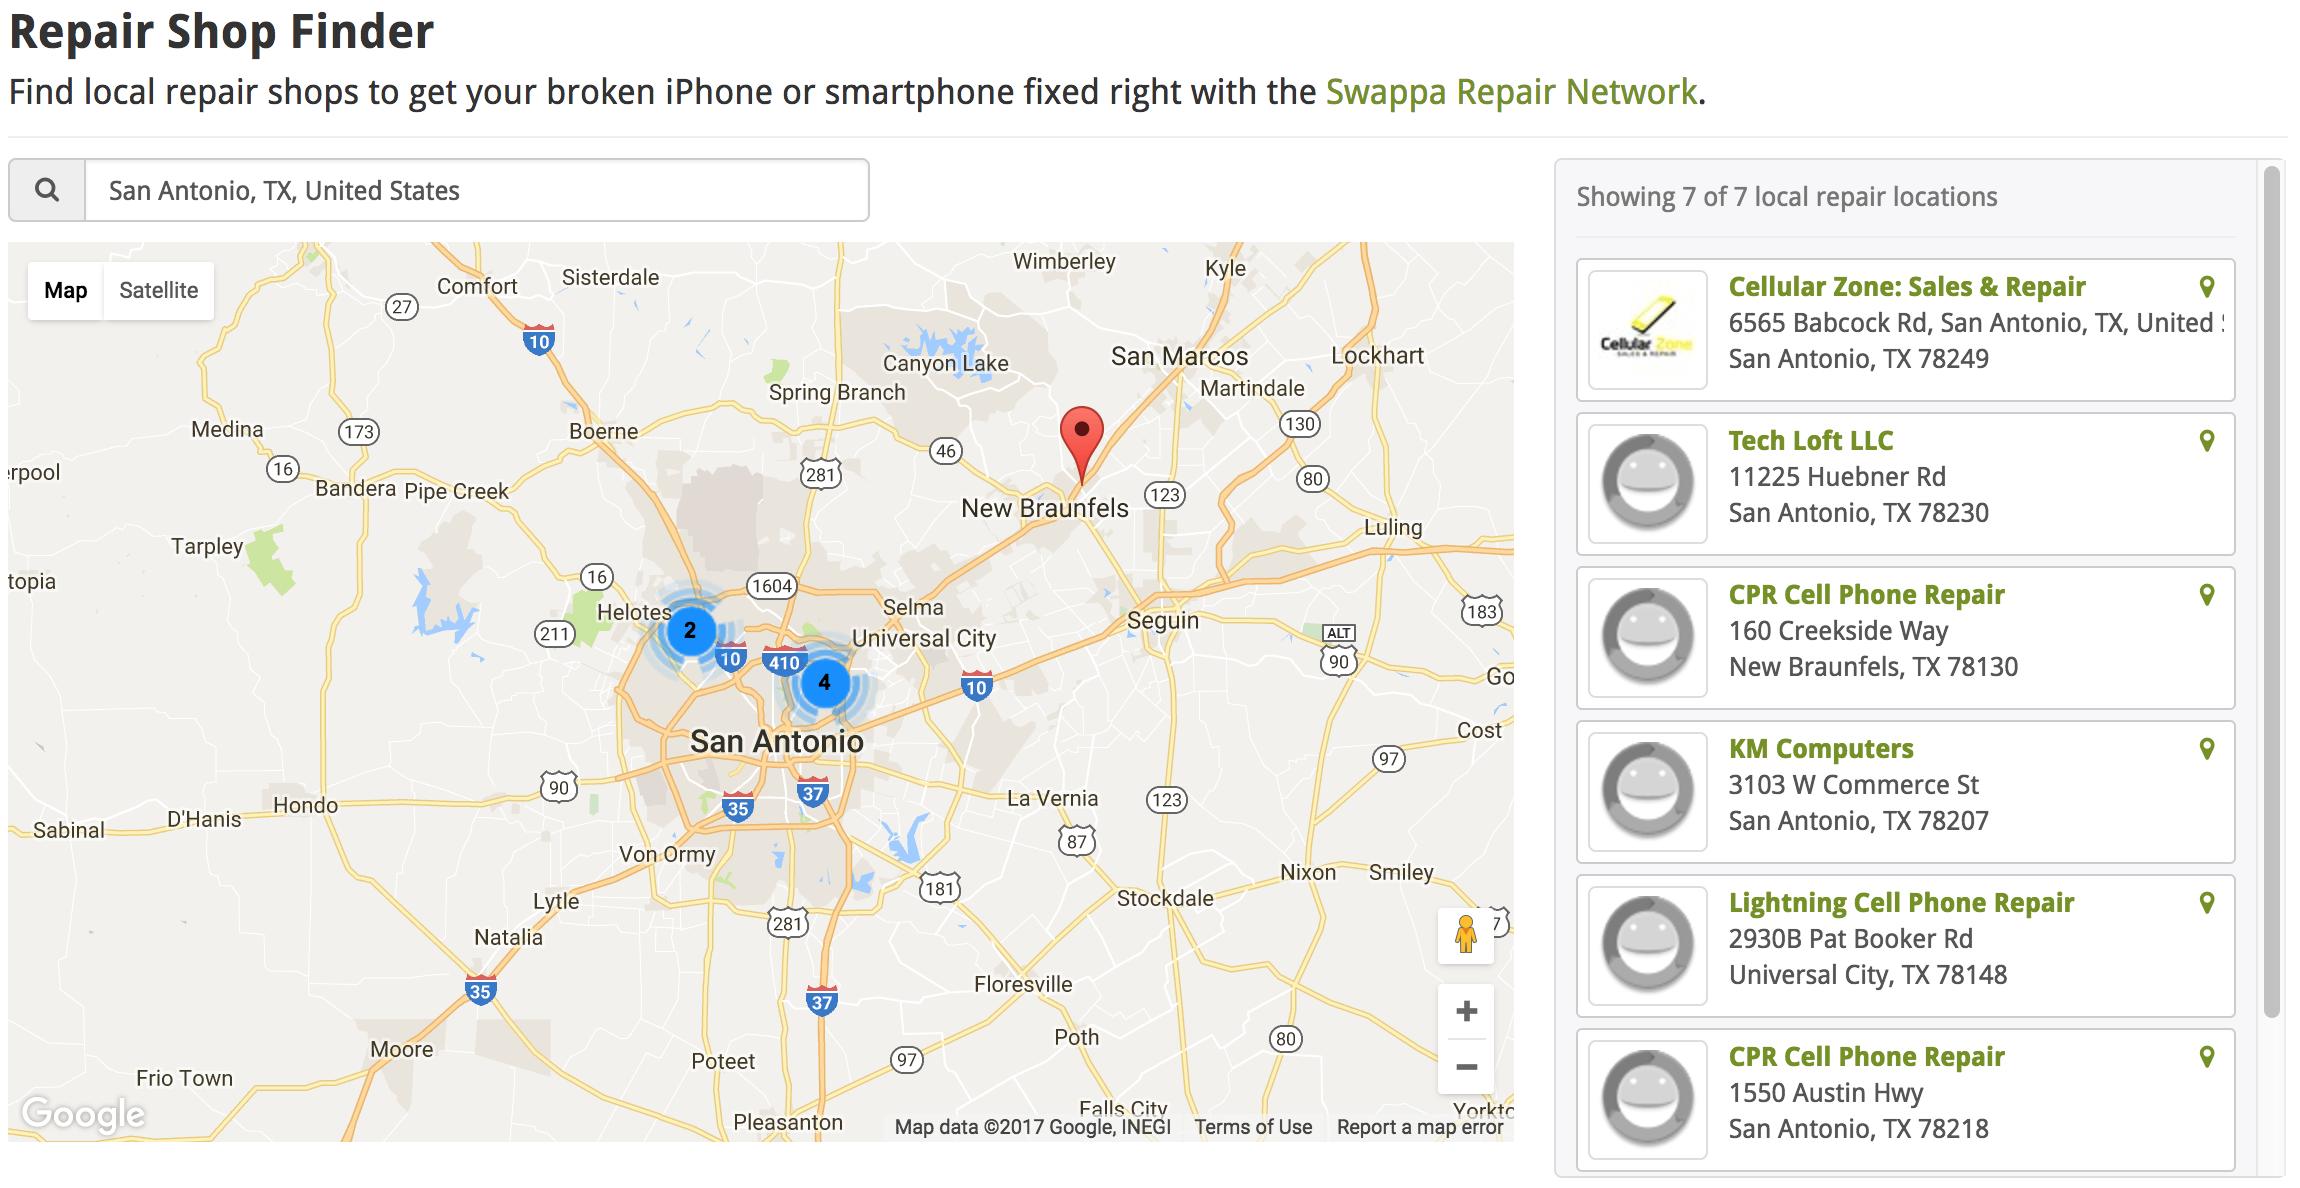 Example Swappa Repair Network